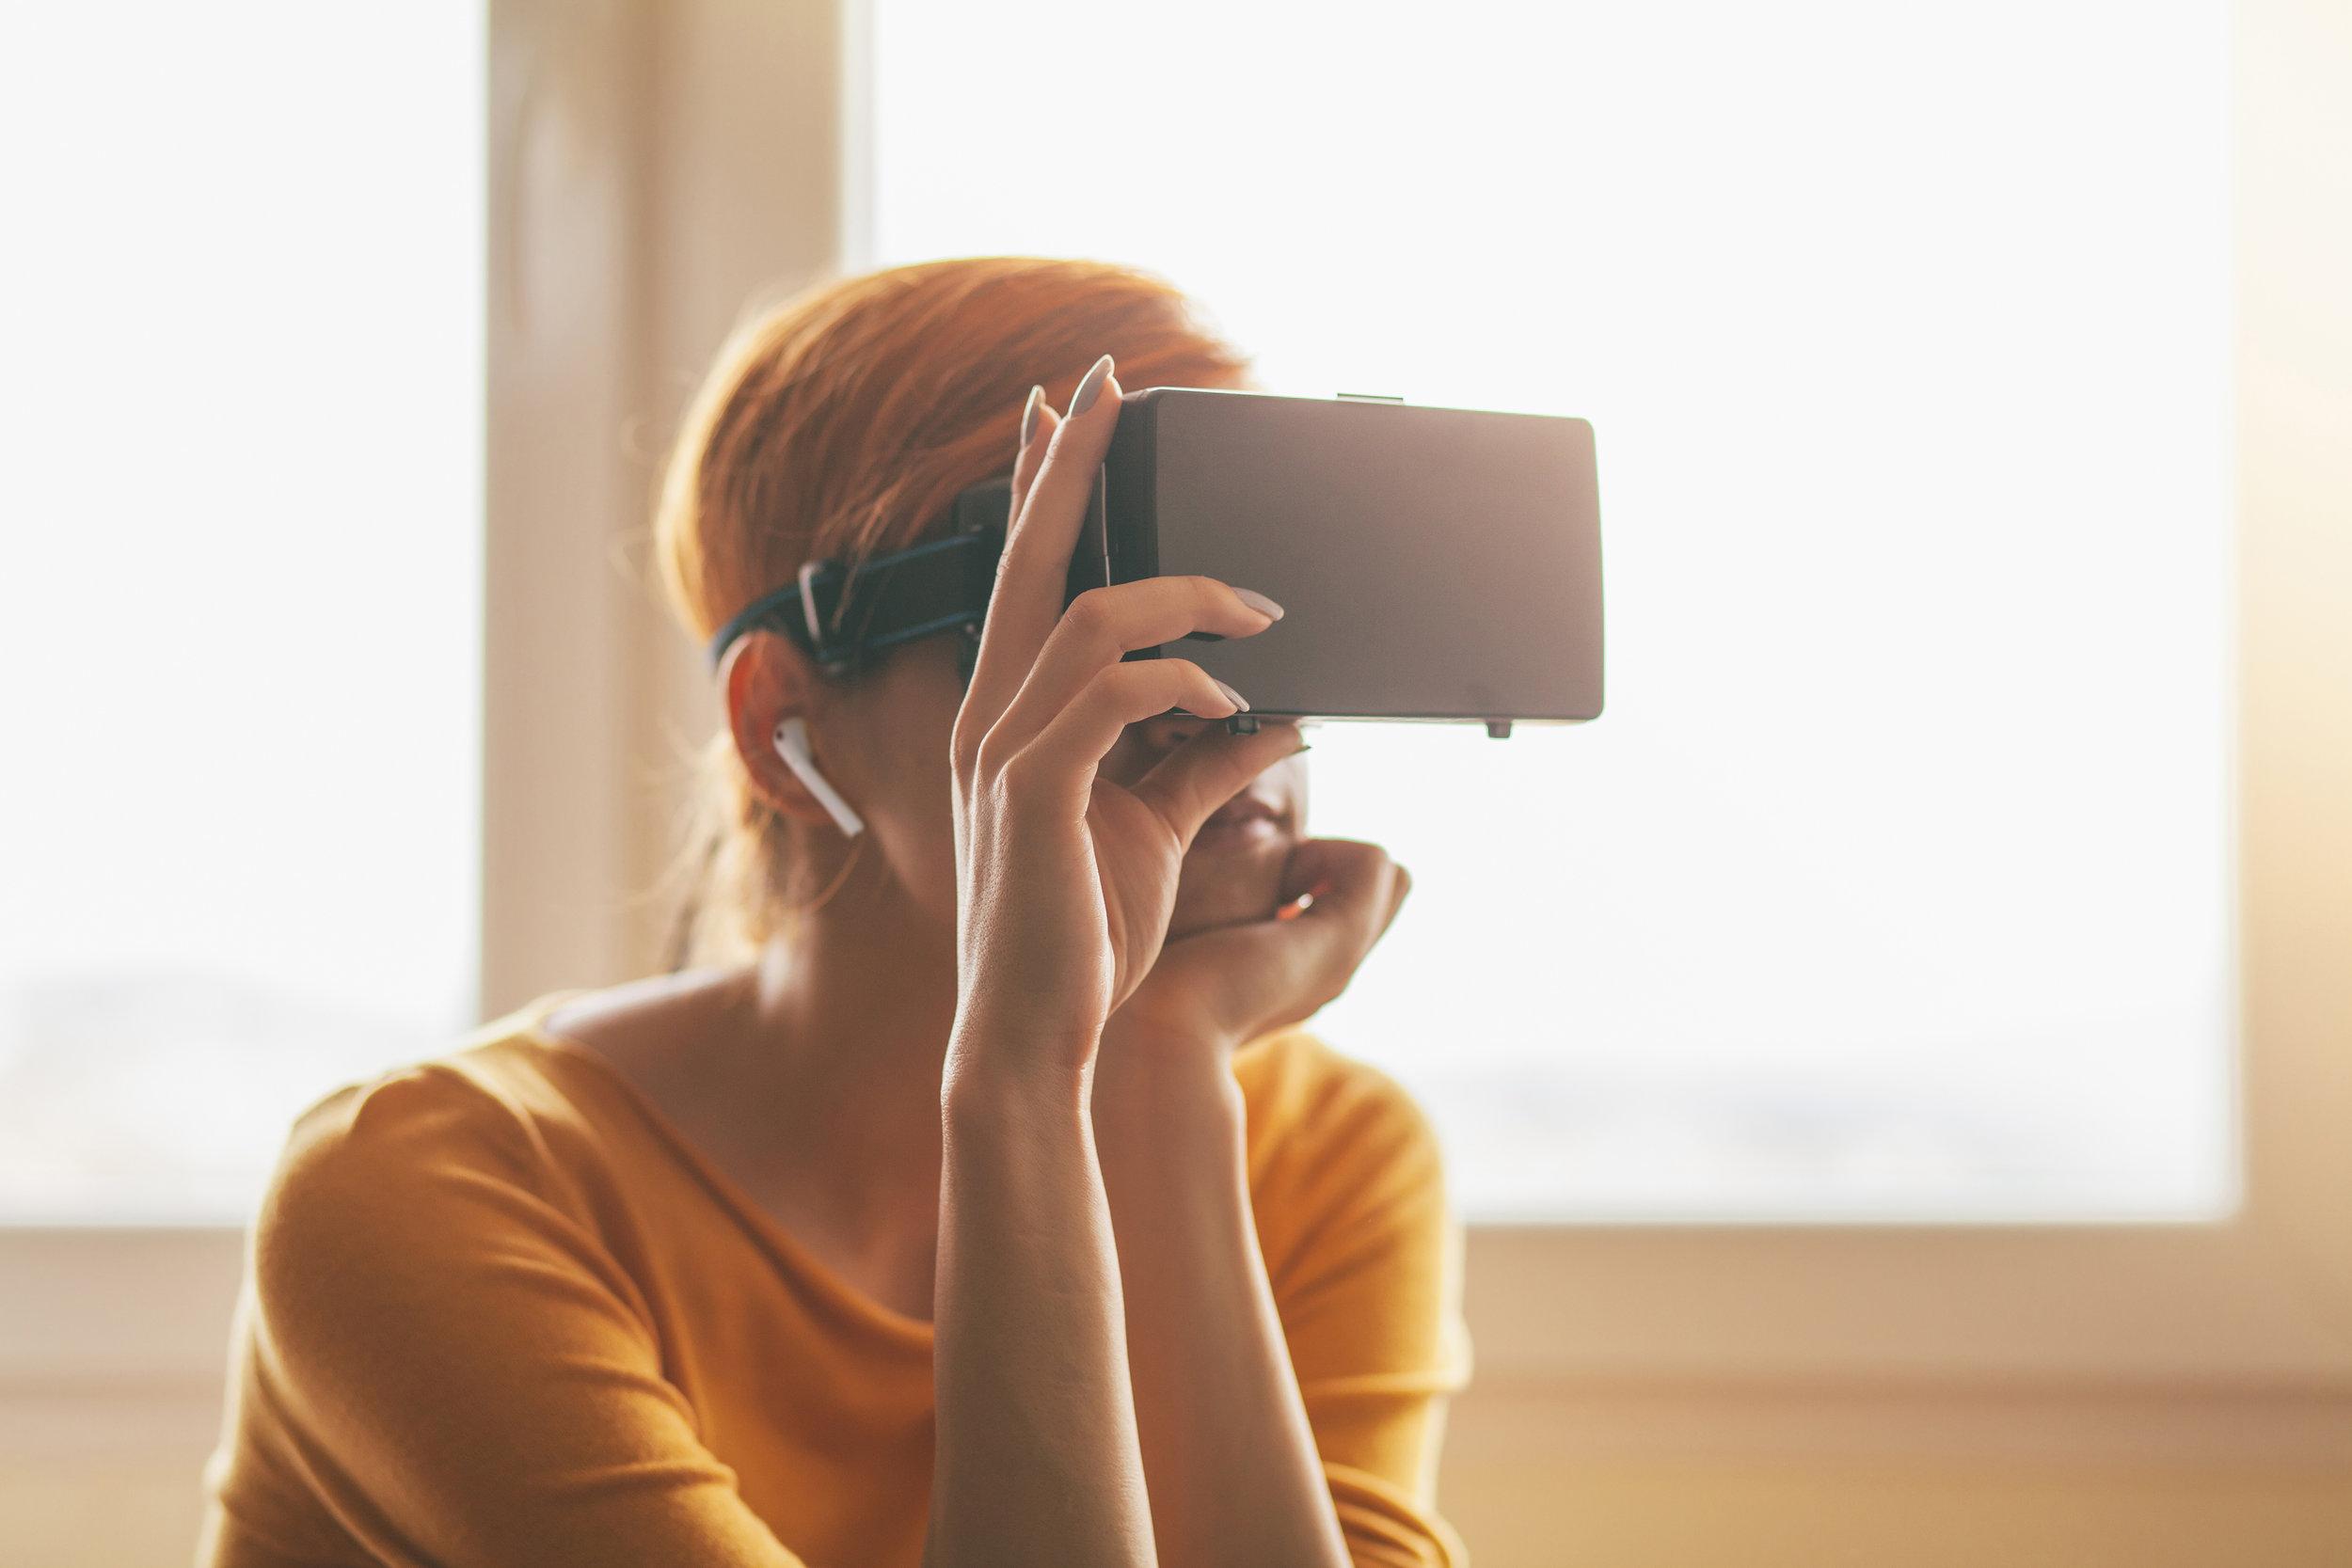 Dirac VR